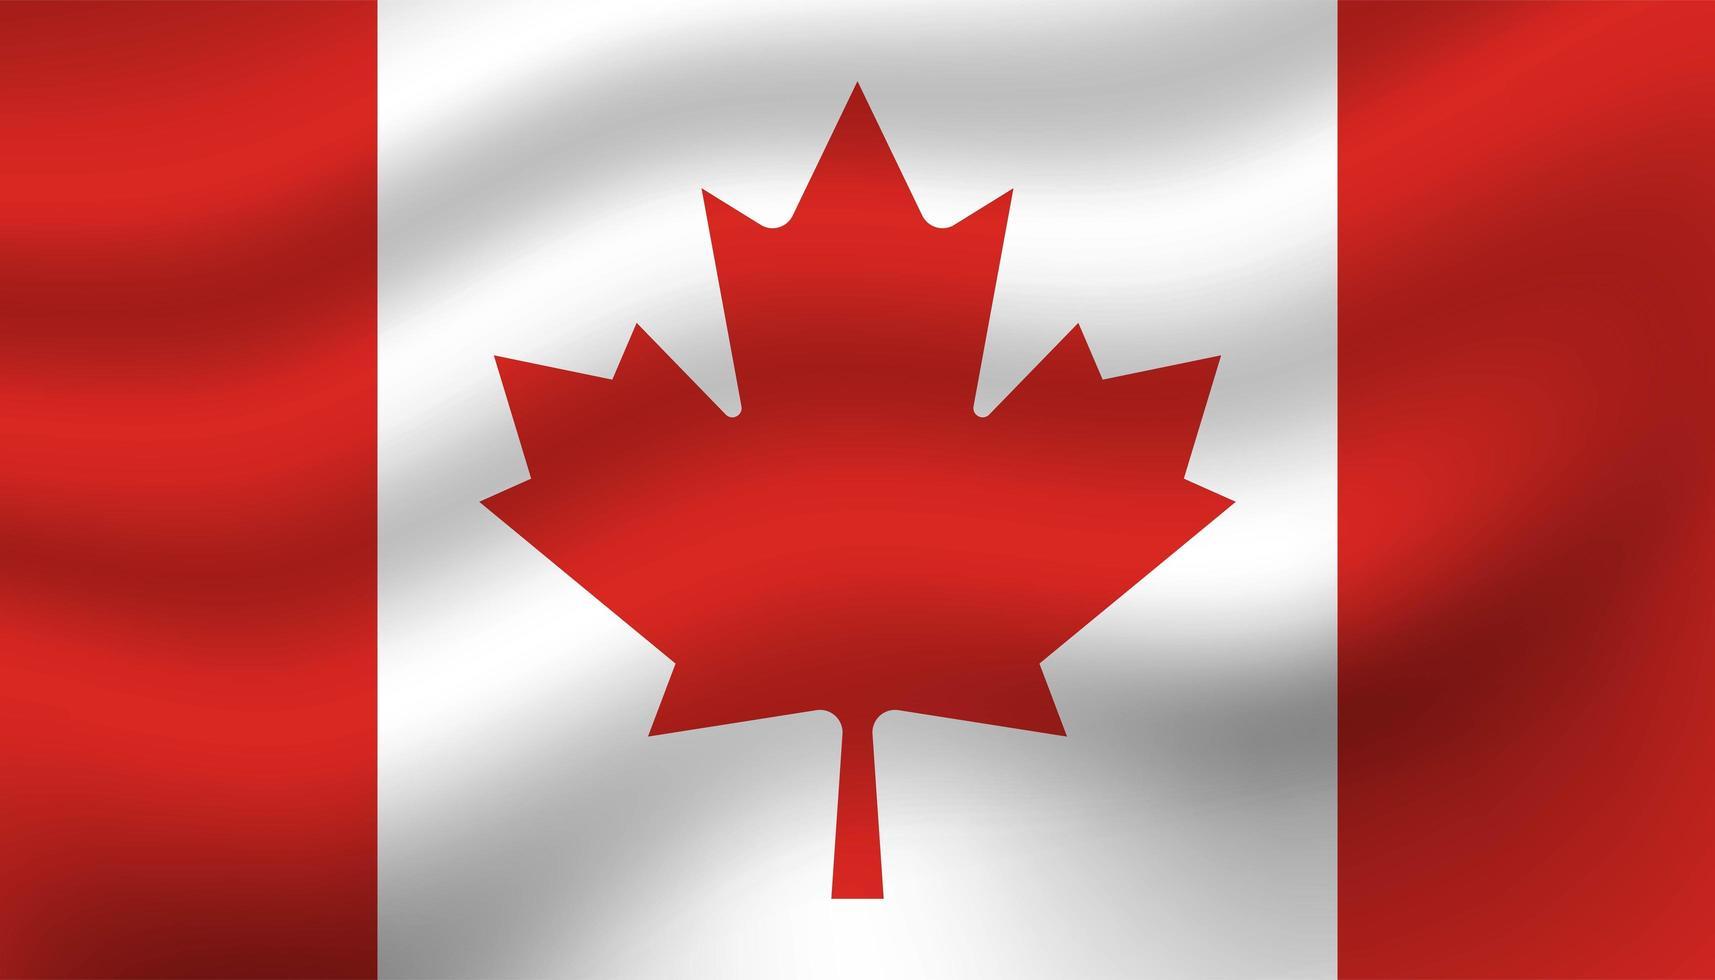 fond de drapeau du canada vecteur